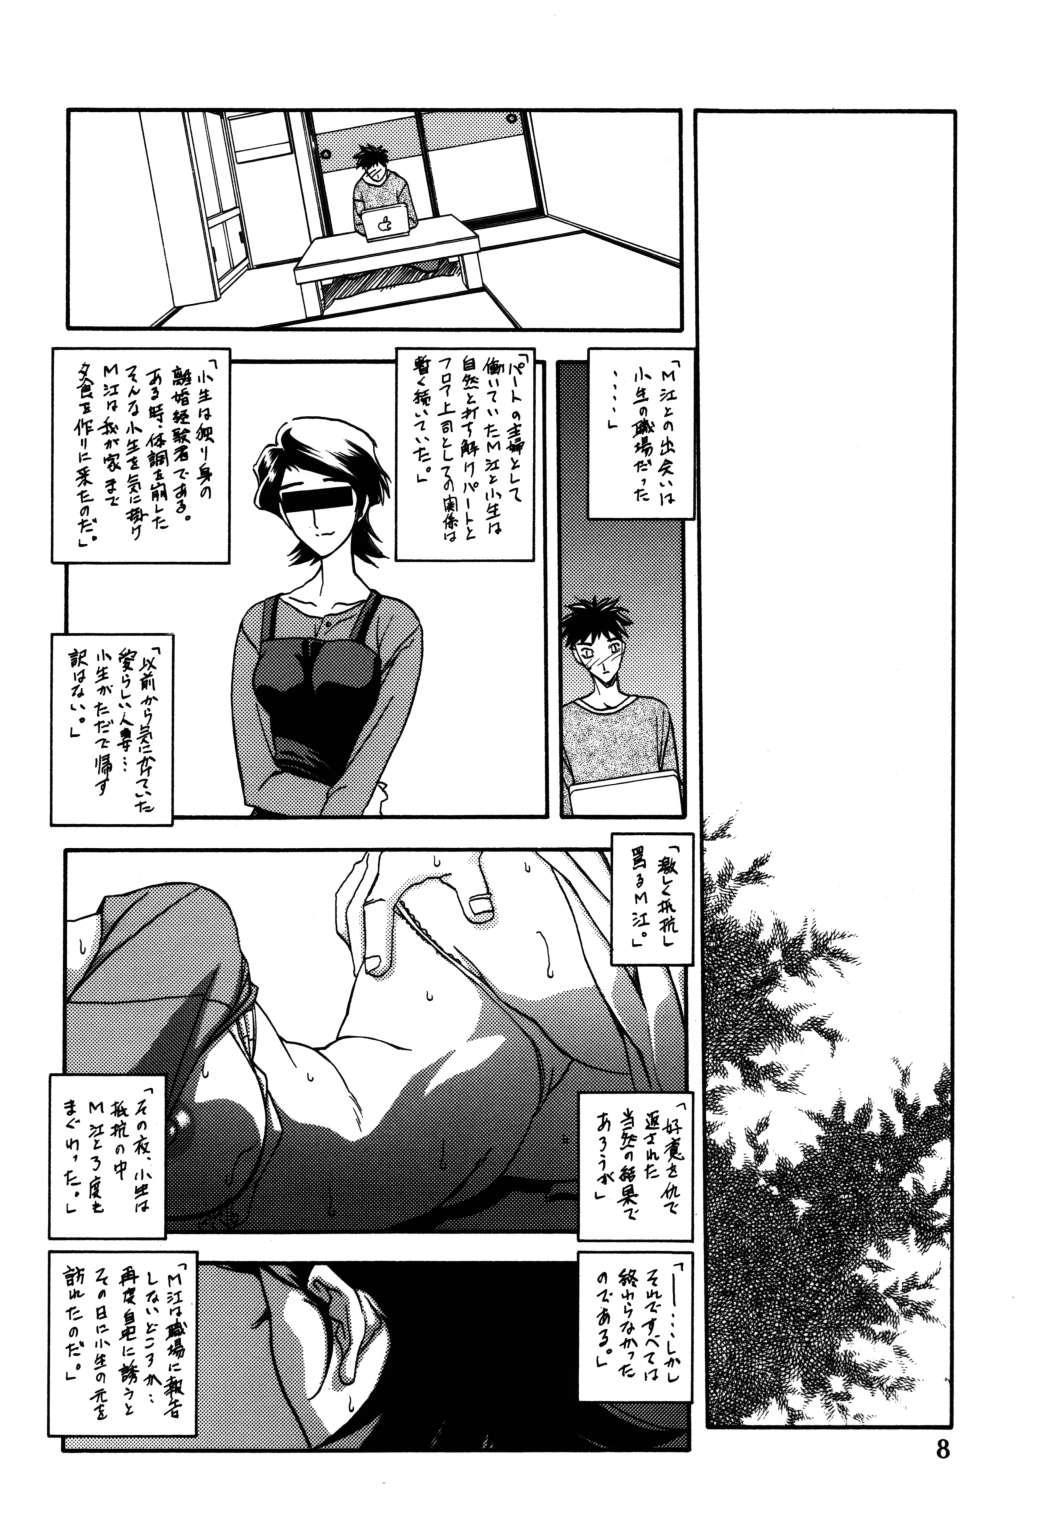 Akebi no Mi - Masae 6